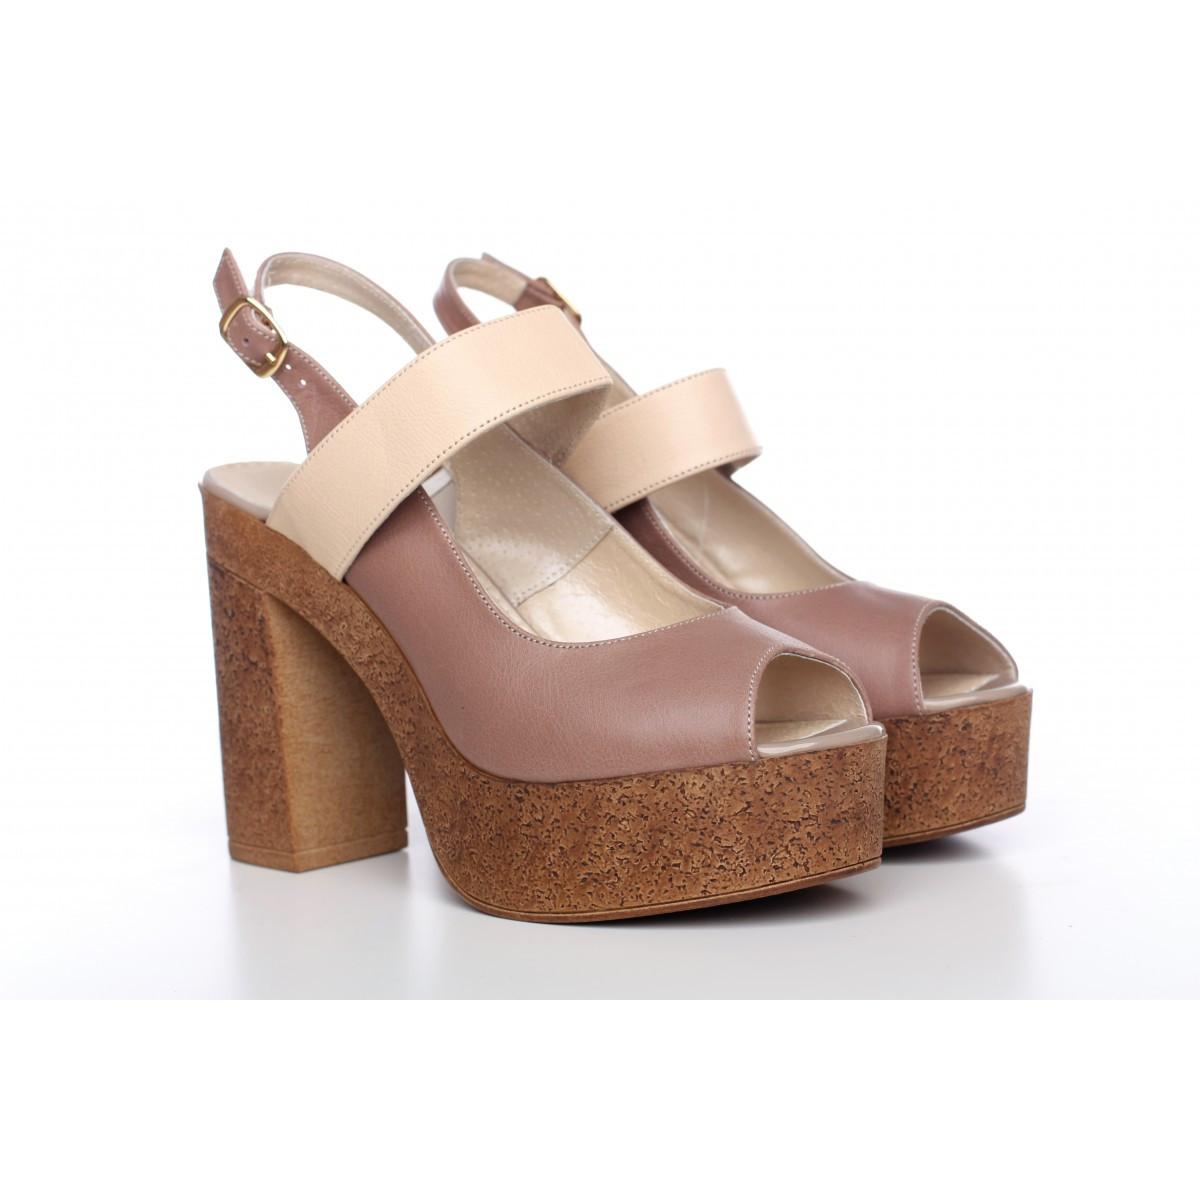 49253f253 Женские босоножки из натуральной кожи на высоком каблуке и платформе -  Интернет-магазин